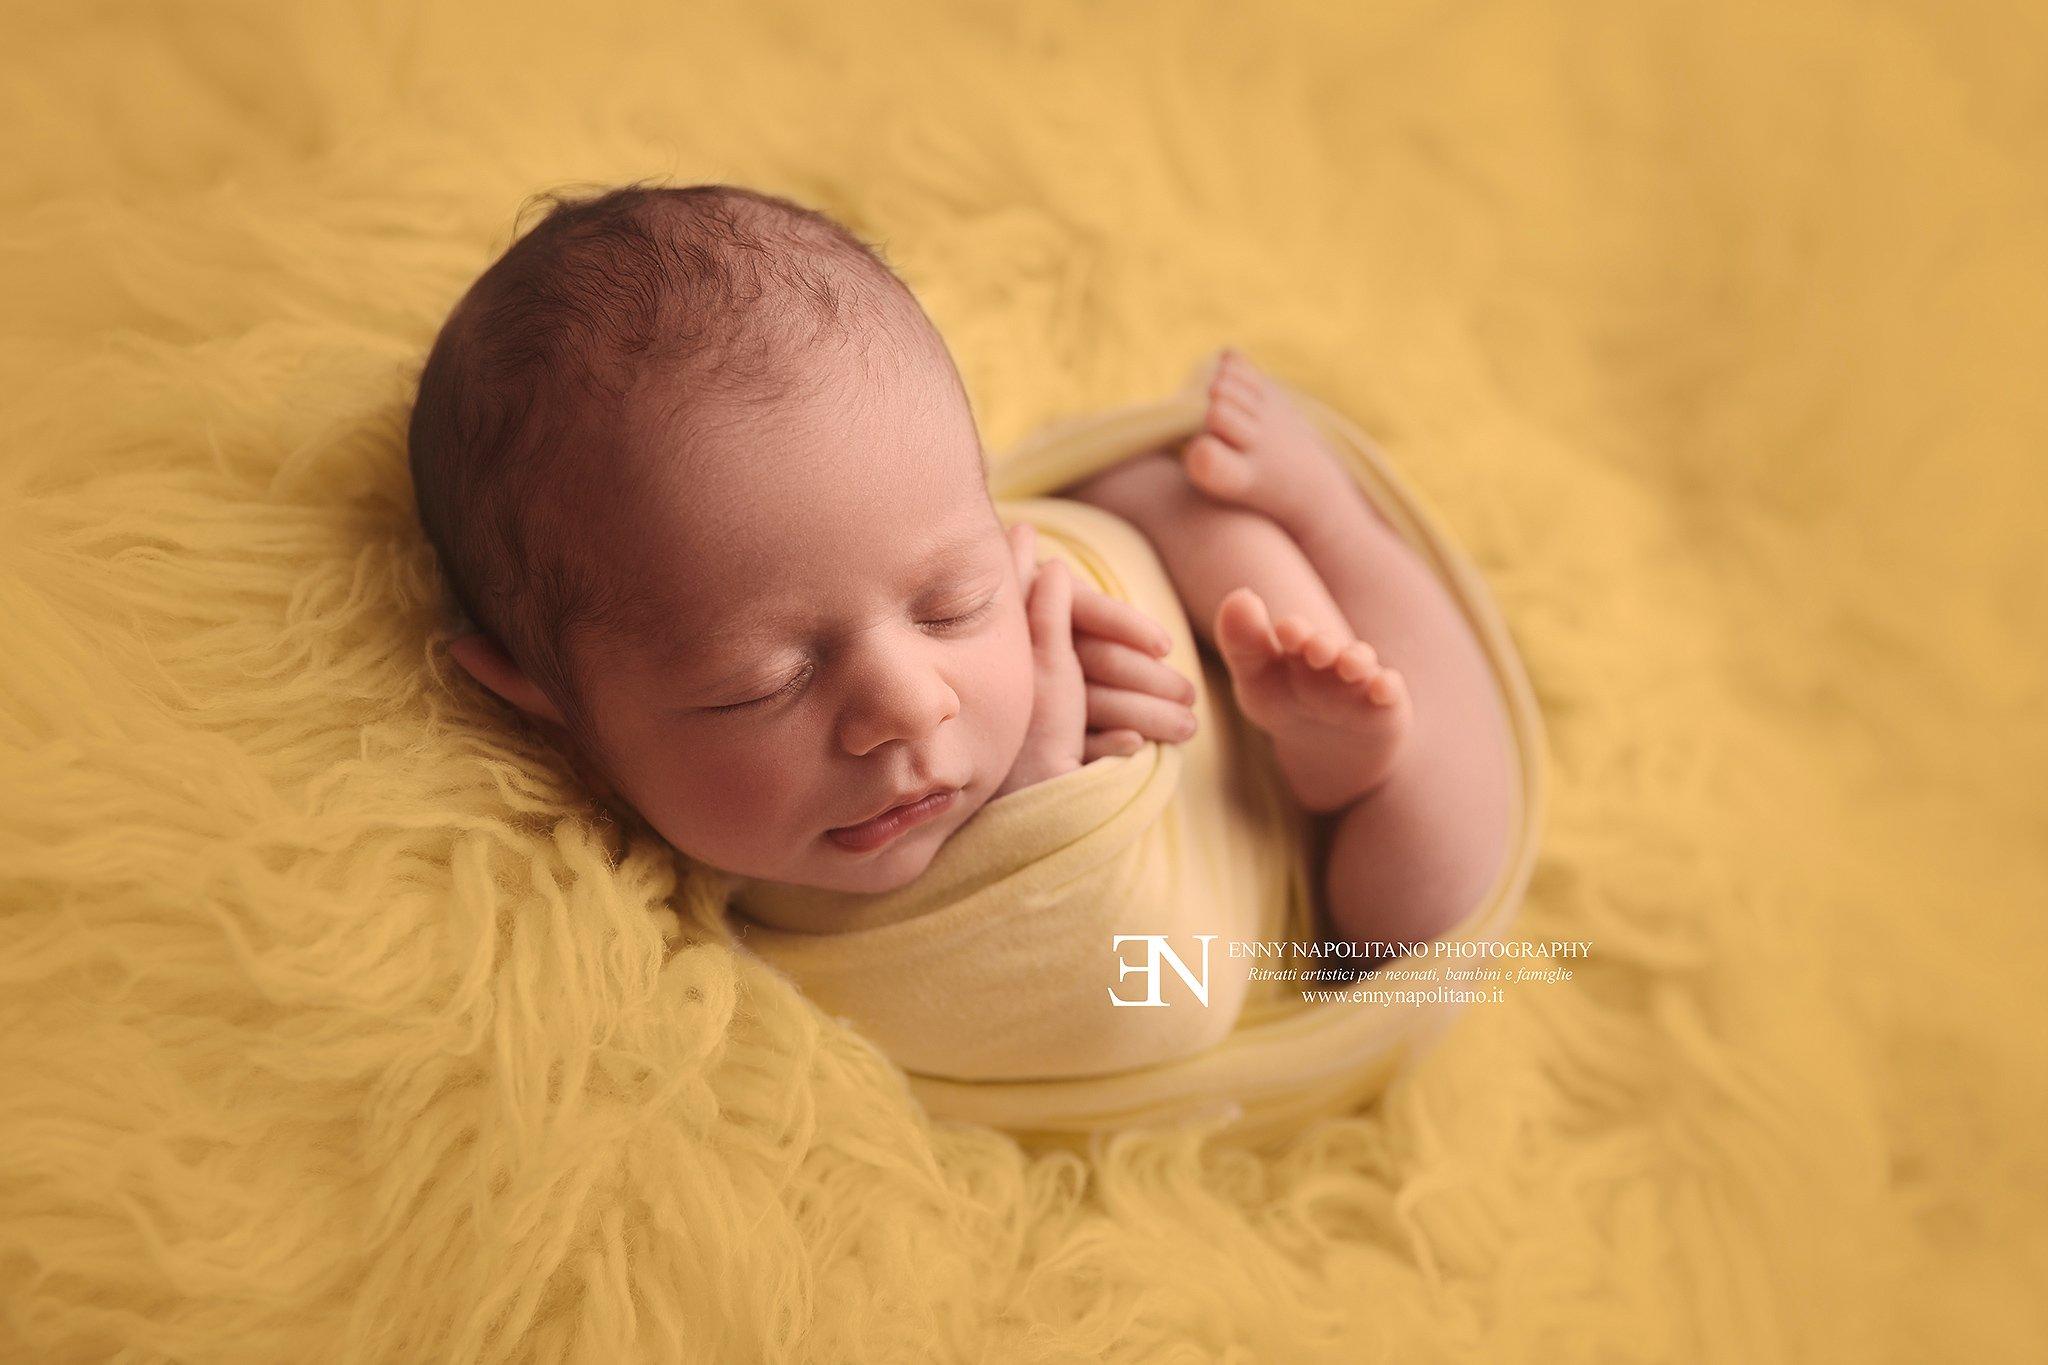 servizio fotografico newborn per neonati a Milano, Pavia, Monza, Bergamo, Varese